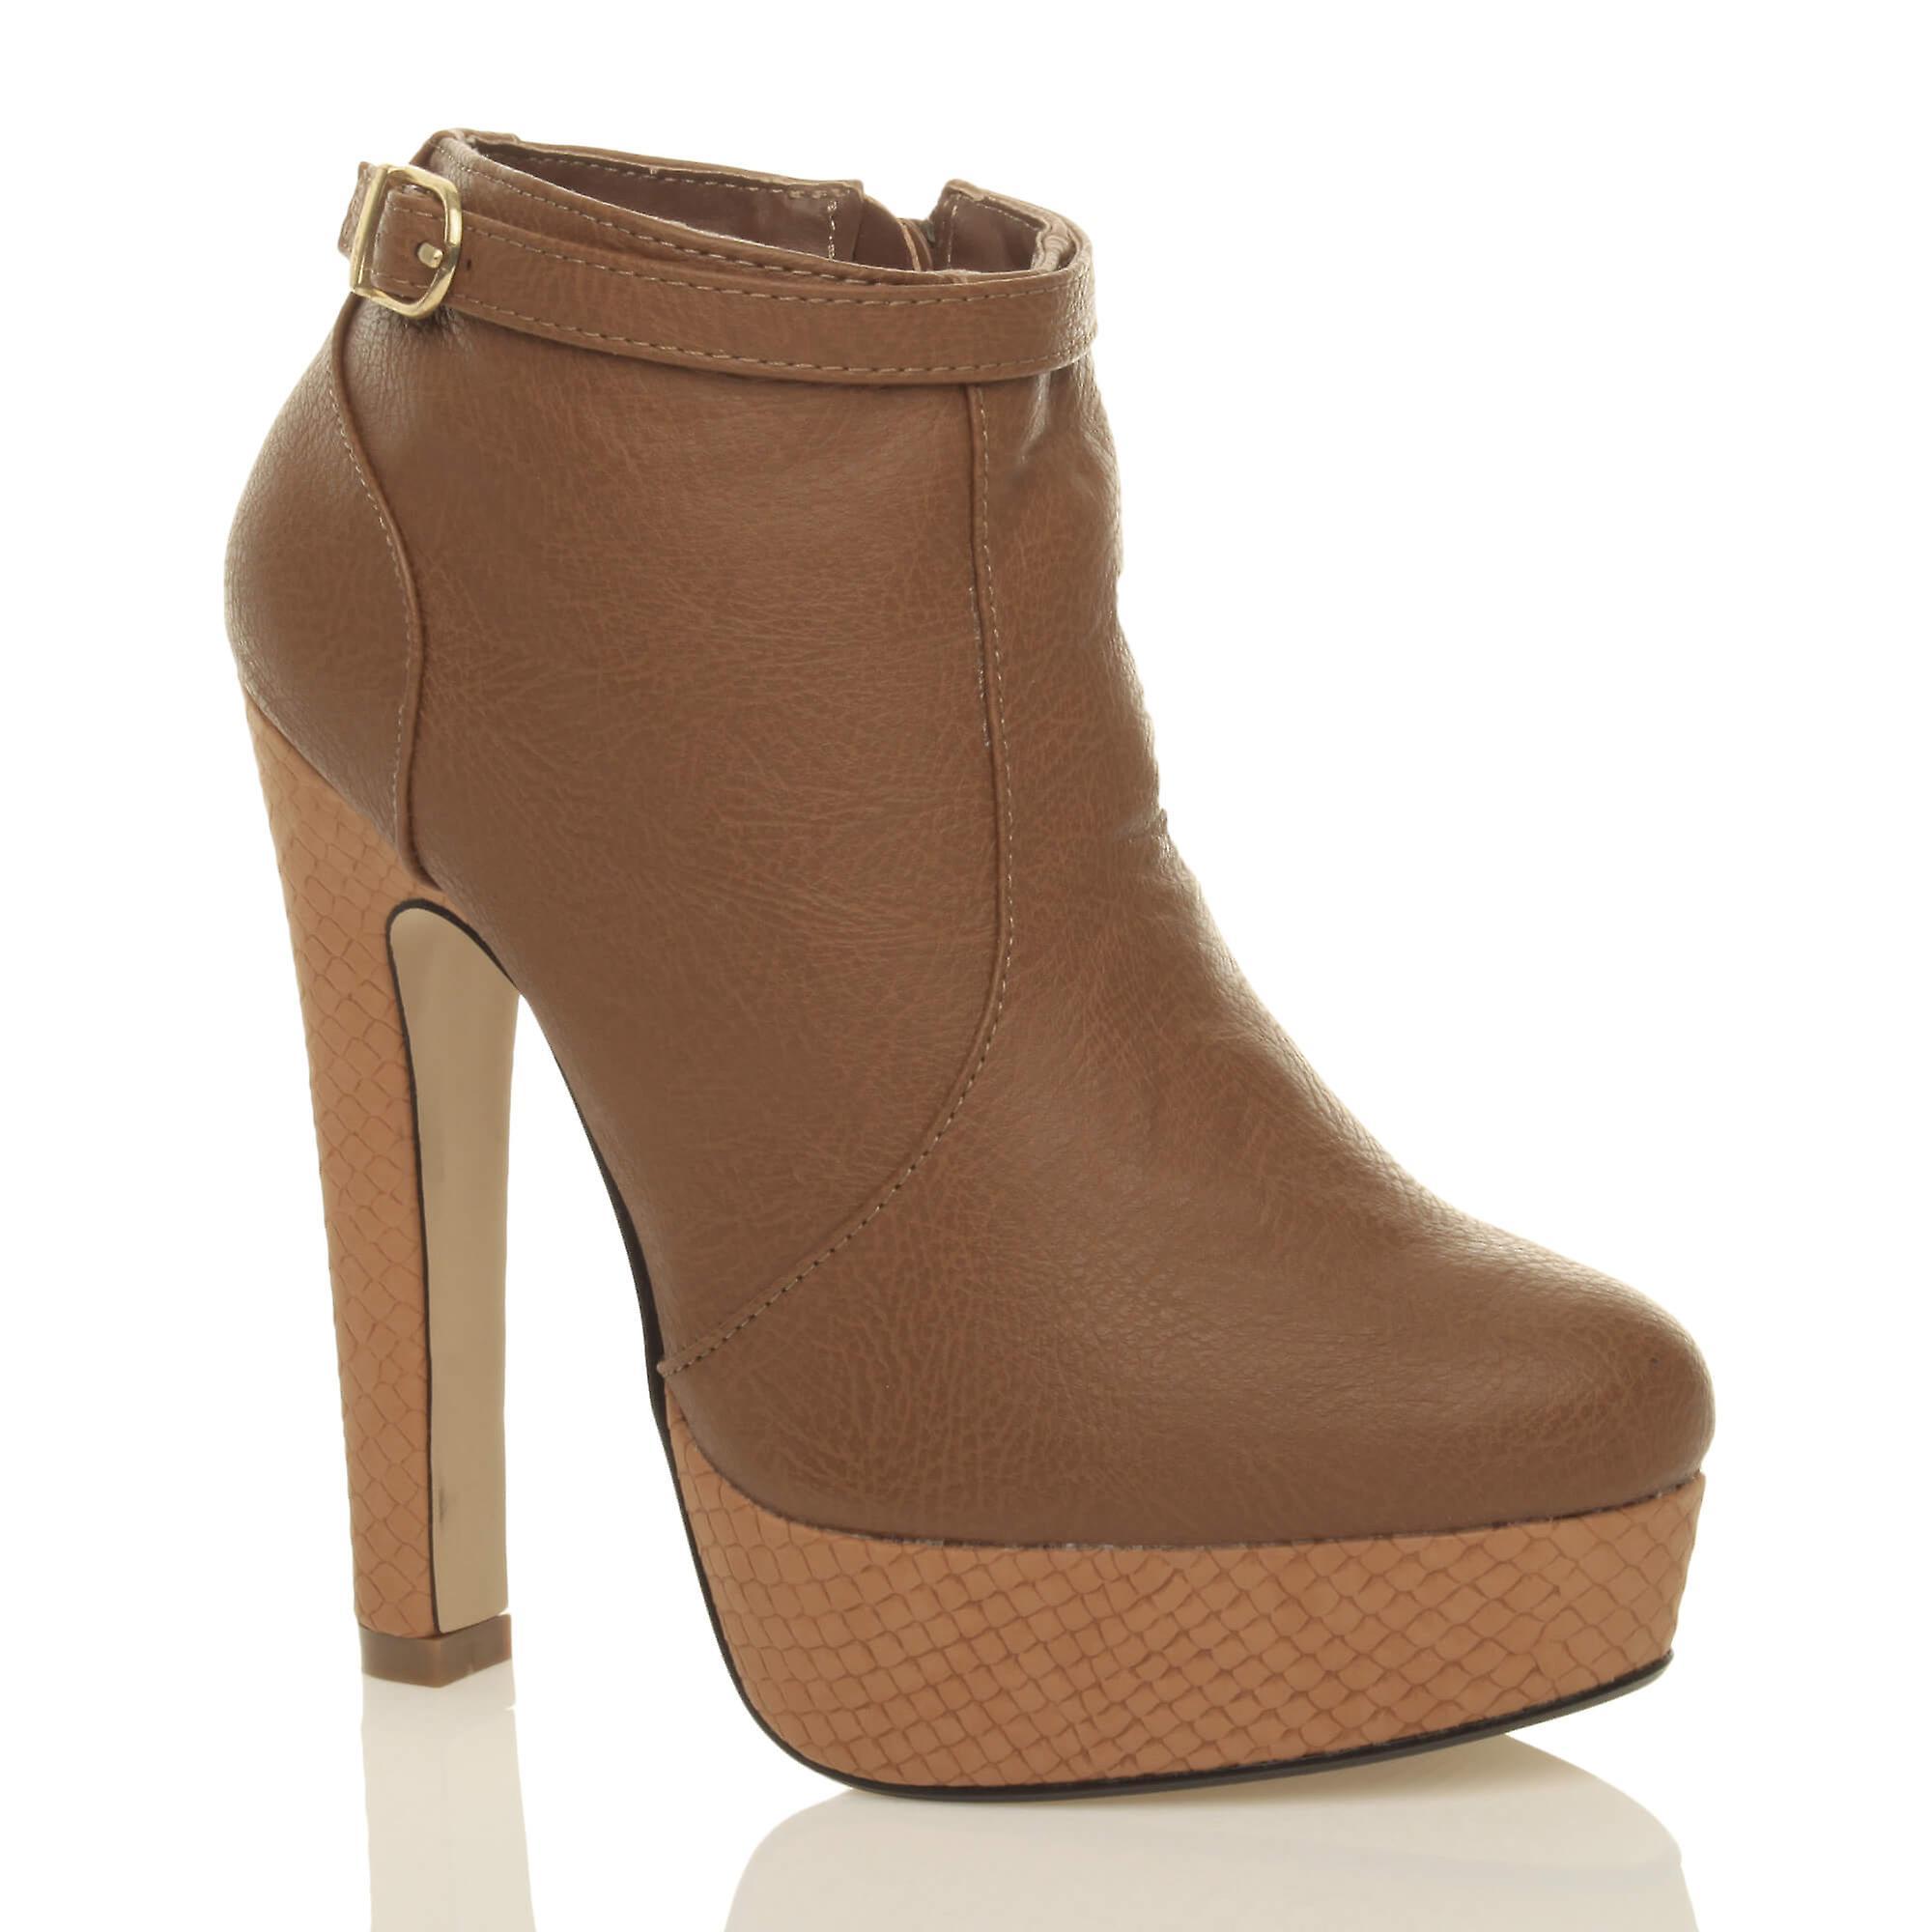 Ajvani Womens Plattform Block high Heel Schnalle Reißverschluss Knöchel Schuh Stiefel Stiefeletten